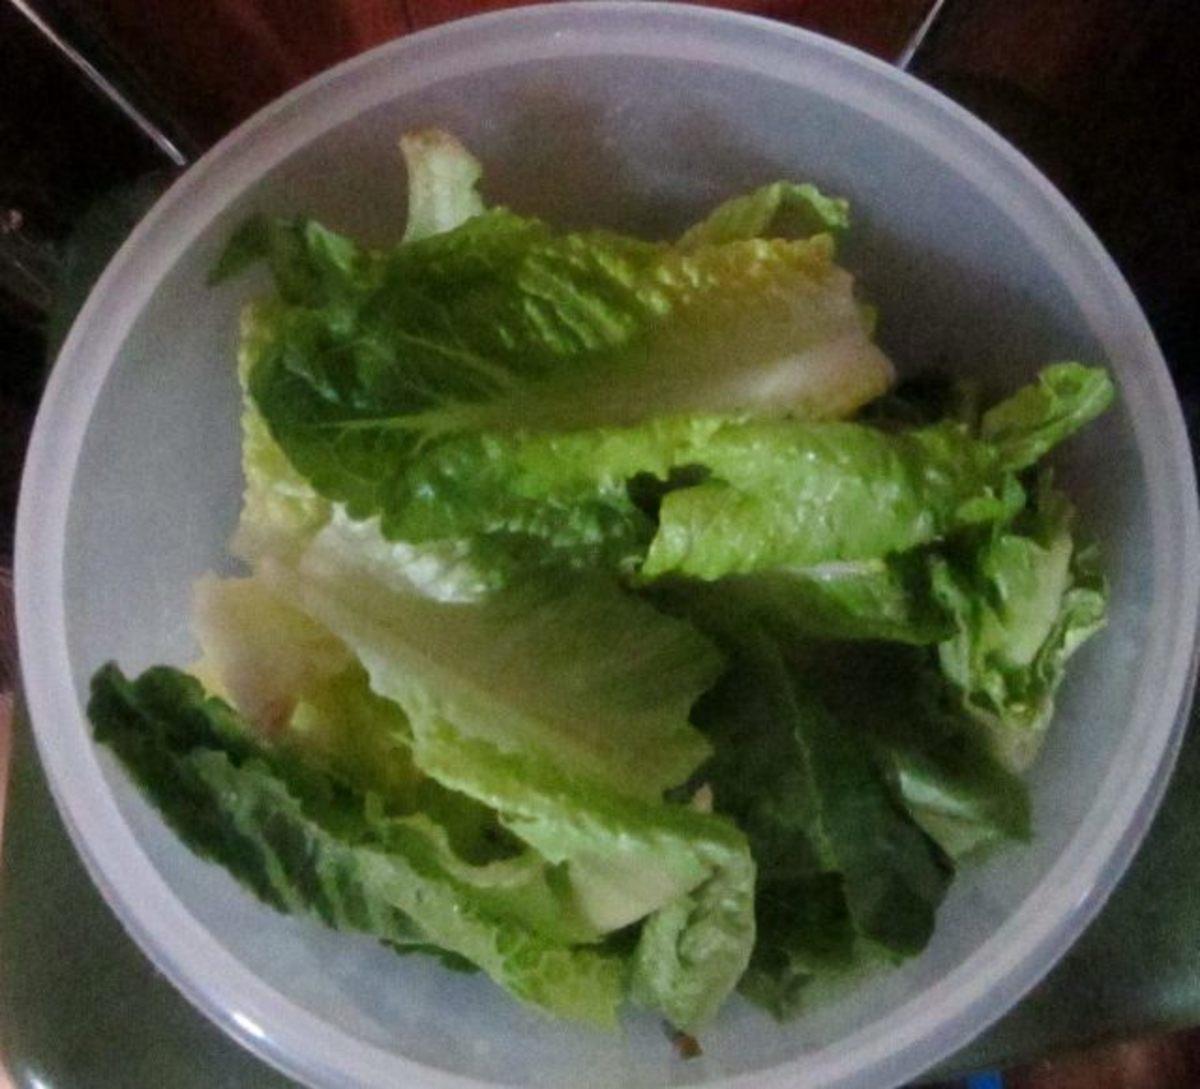 I store lettuce leaves in my crisper to make them last longer.